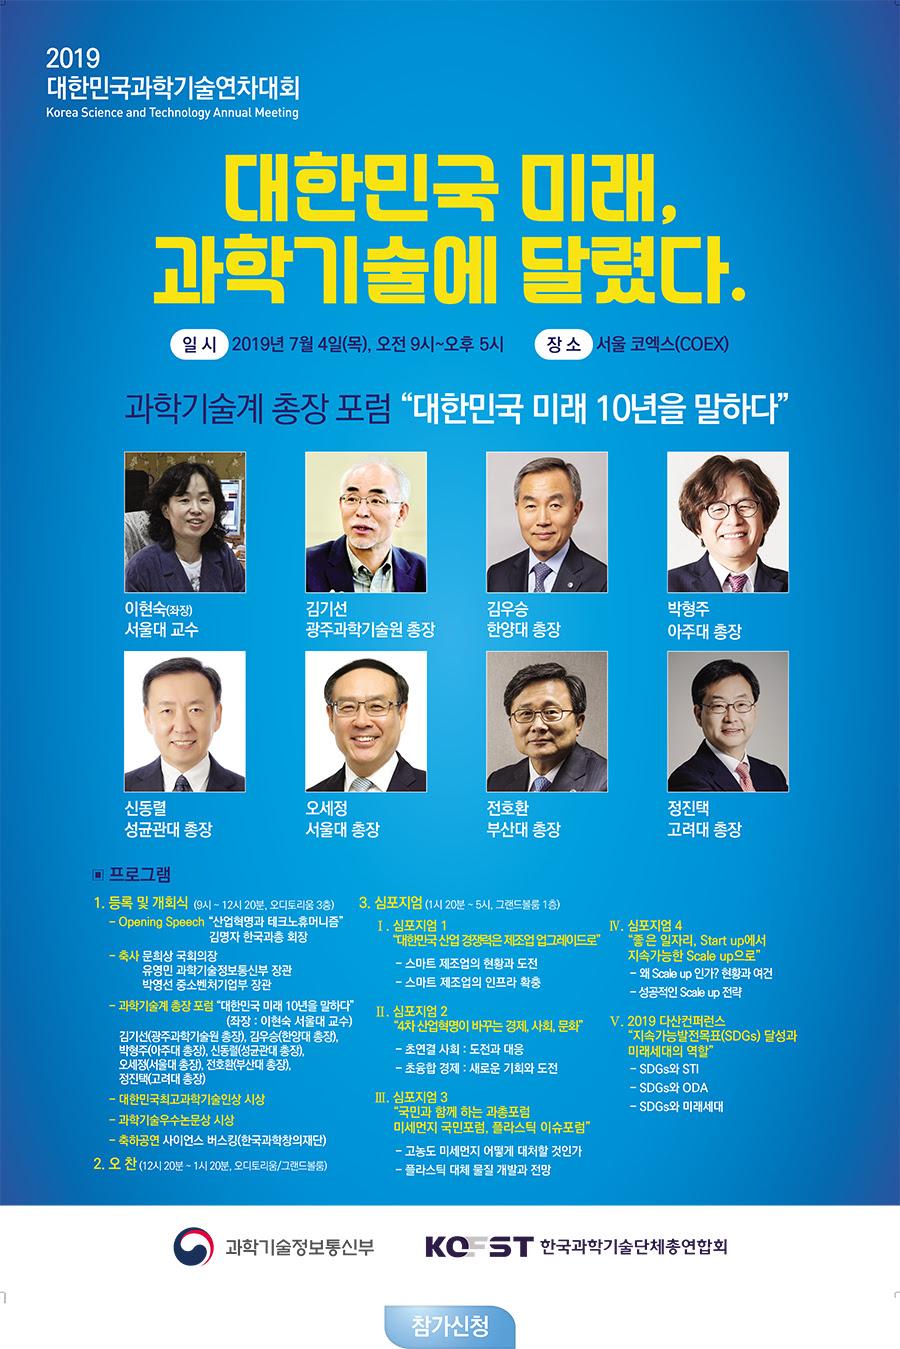 2019대한민국과학기술연차대회 개최.jpg